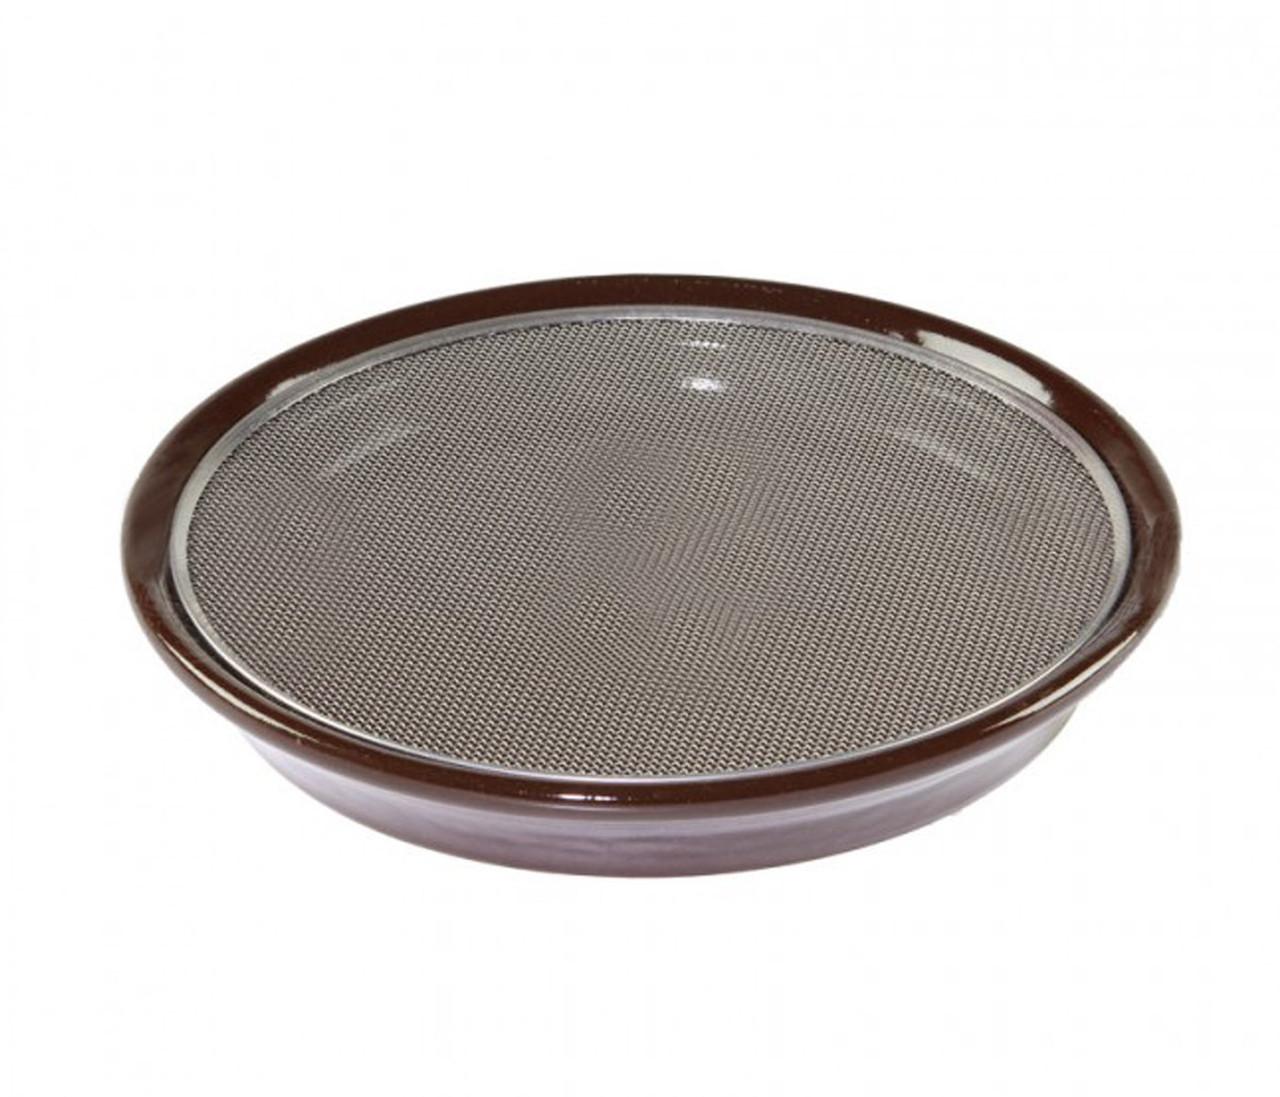 eschenfelder Тарелка для кресс-салатов Eschenfelder коричневая 21,5 см